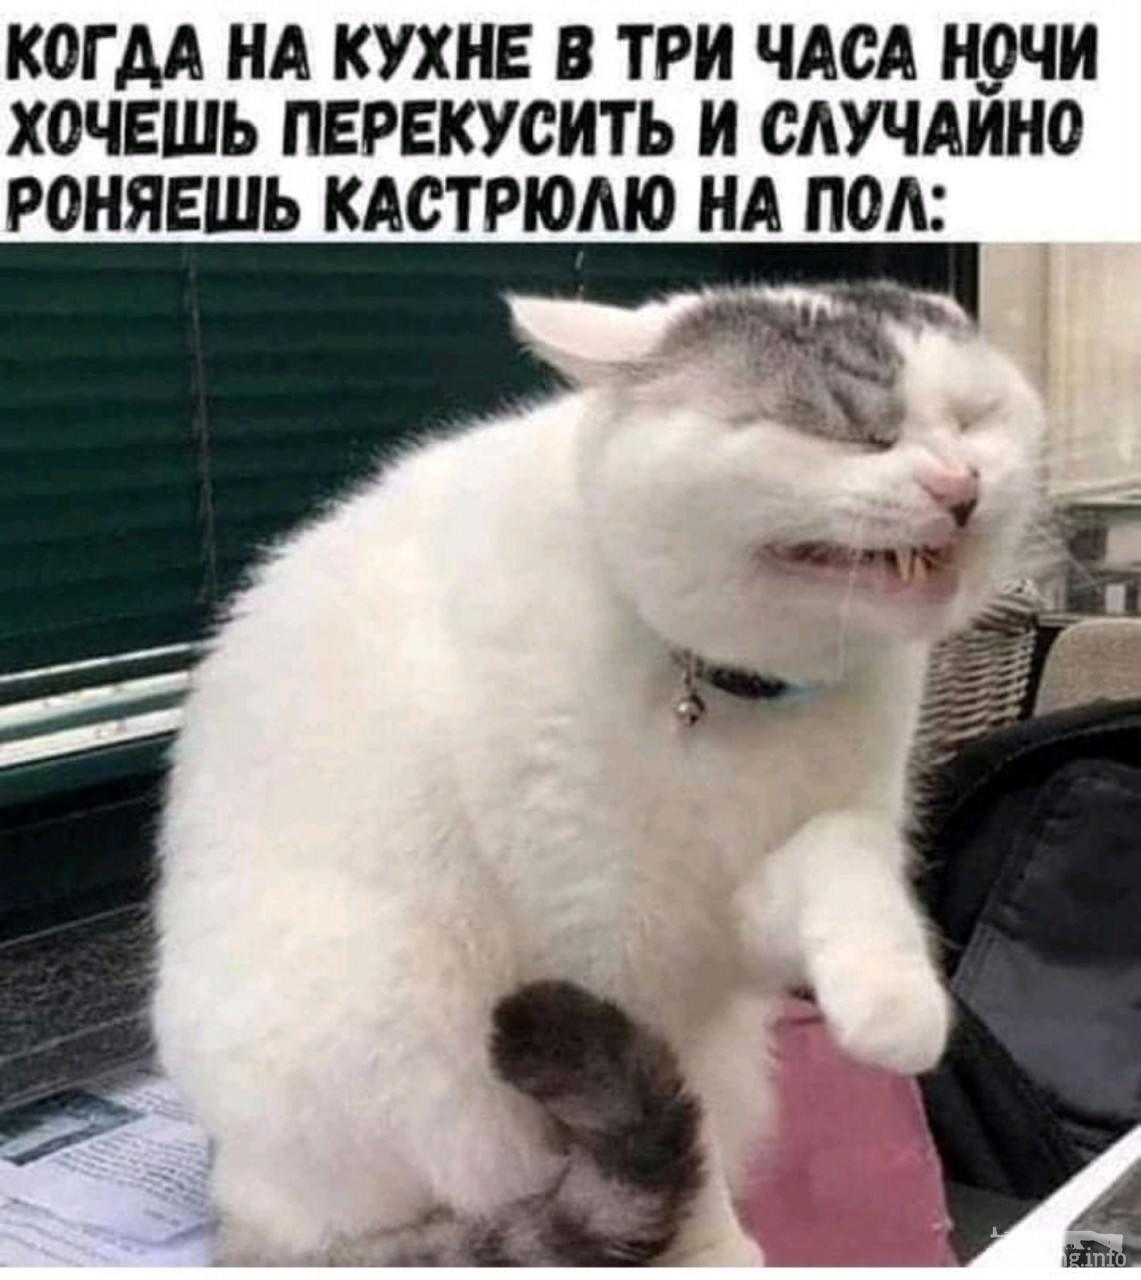 113747 - Смешные видео и фото с животными.